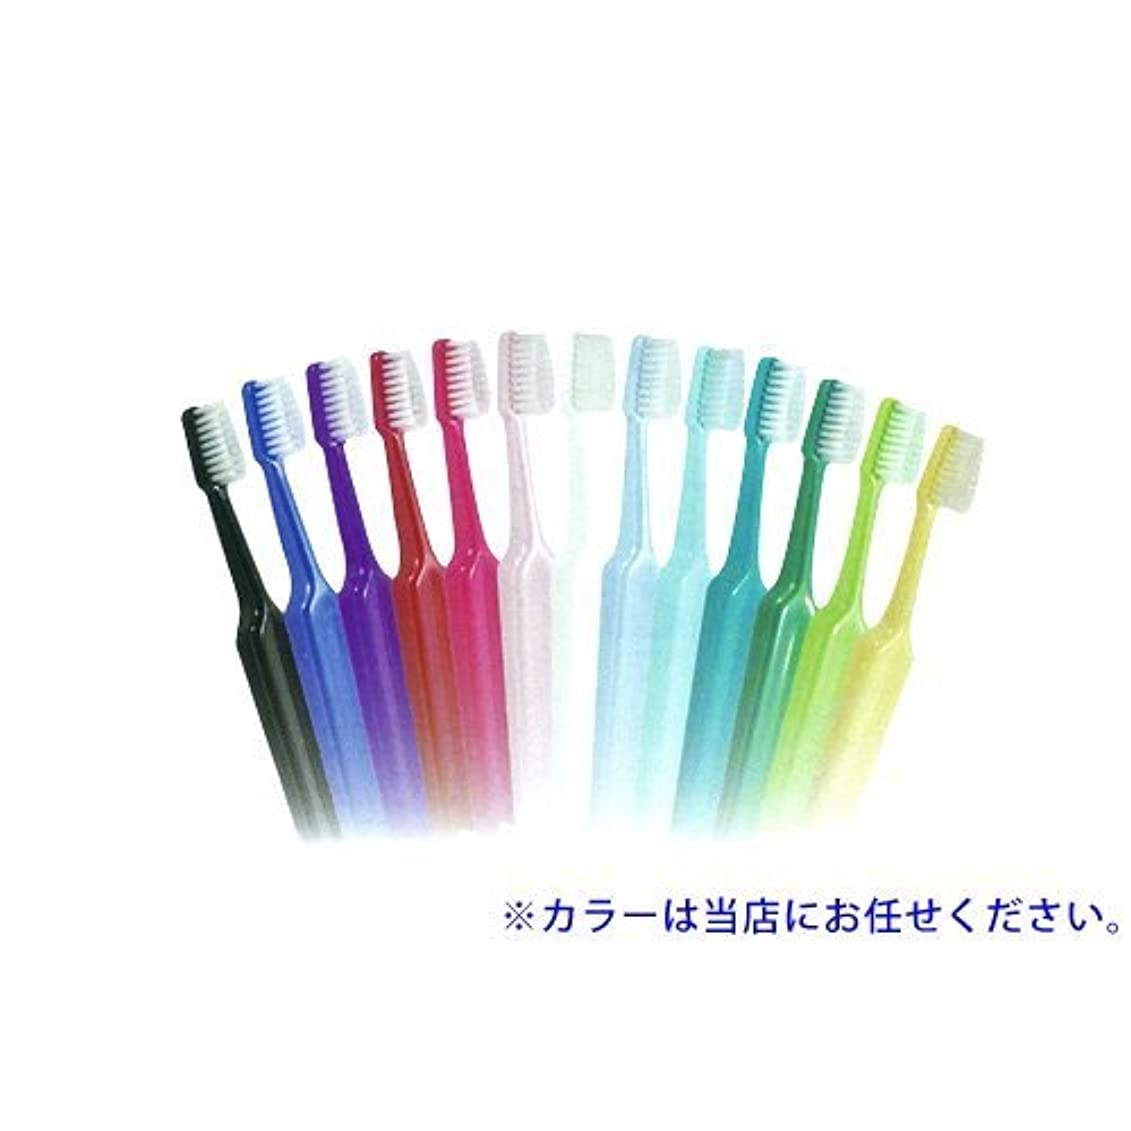 パスタ没頭する効果的Tepe歯ブラシ セレクトミニ/ソフト 25本/箱